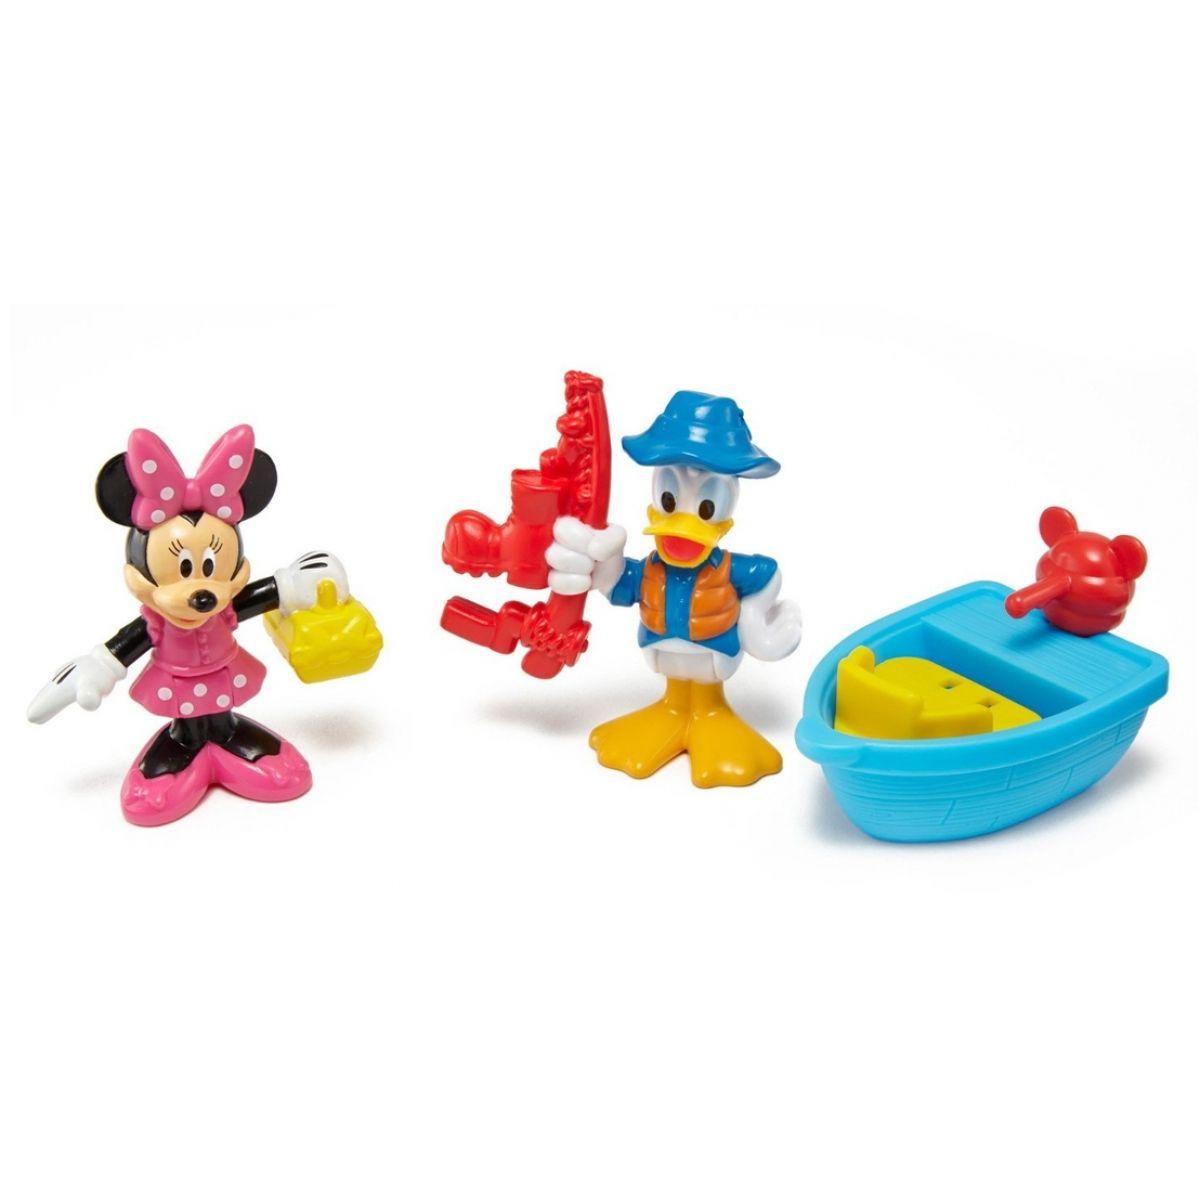 Fisher Price Sada Mickeyho sběratelských postaviček - Rybolov